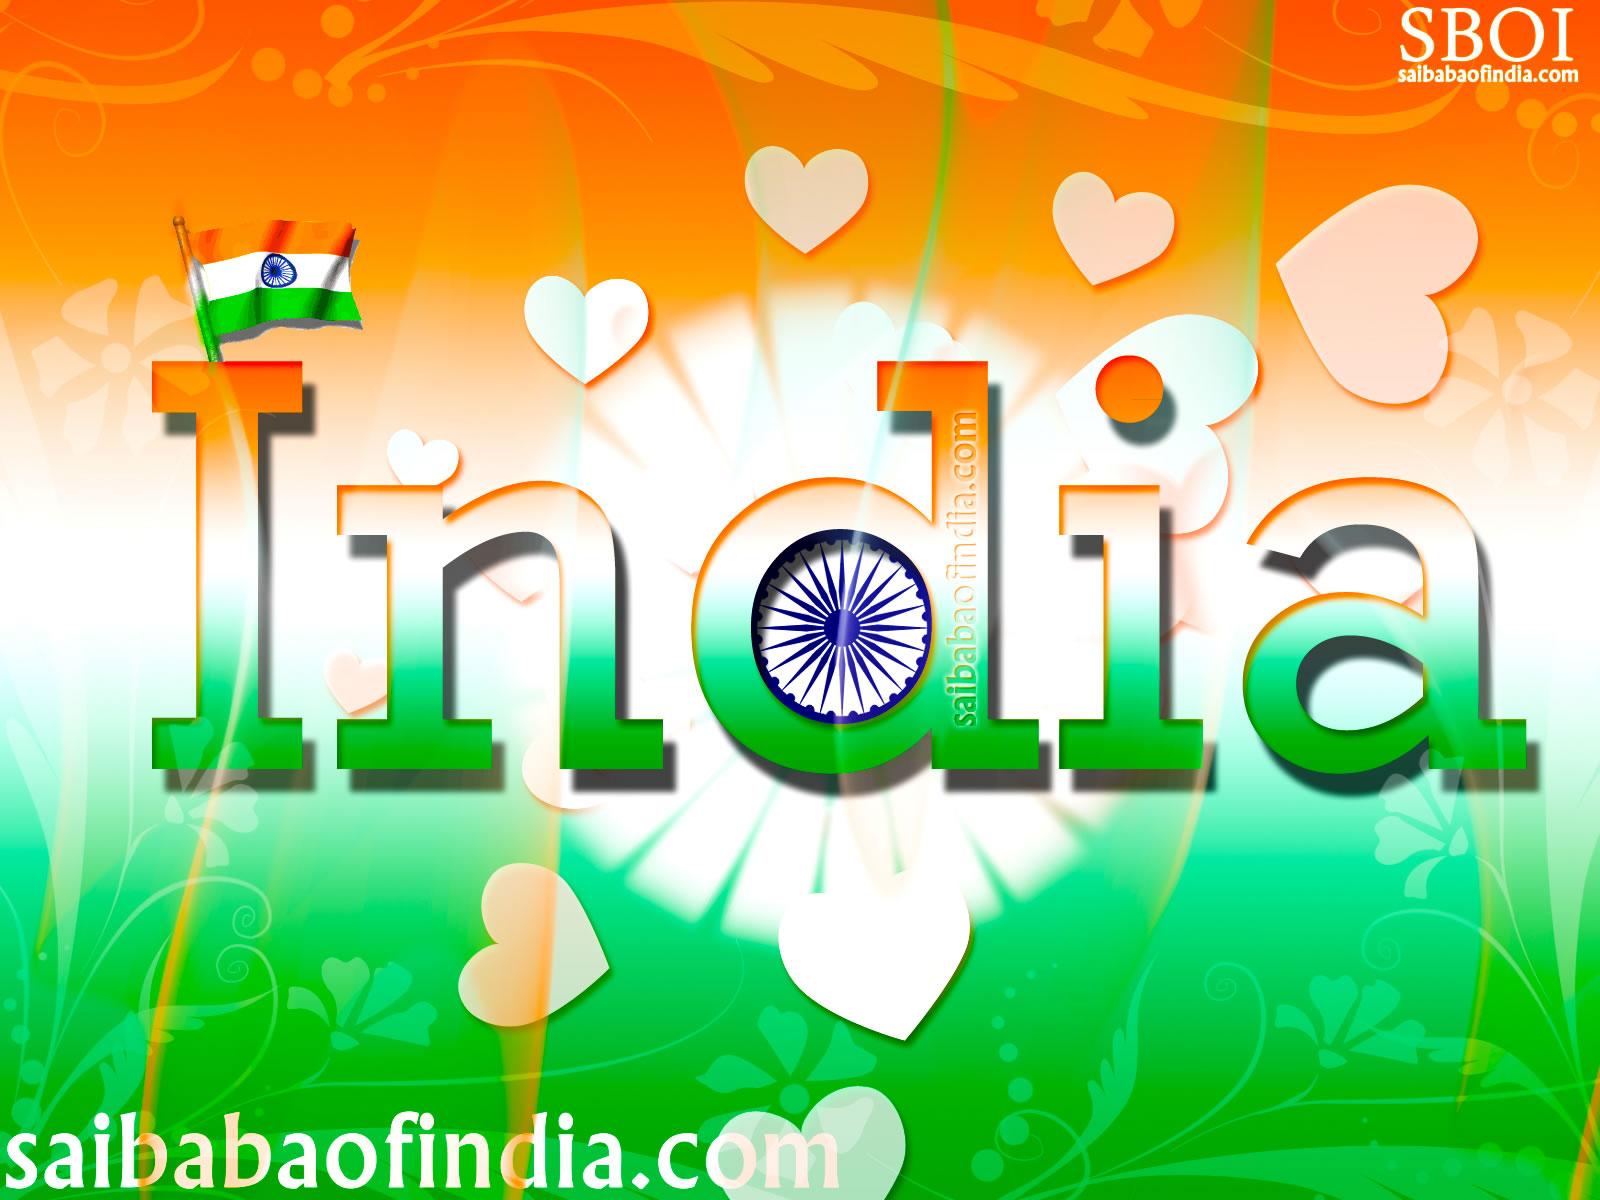 Sathya 3d Name Wallpaper Independence Day 15 August Prasanthi Nilayam Also